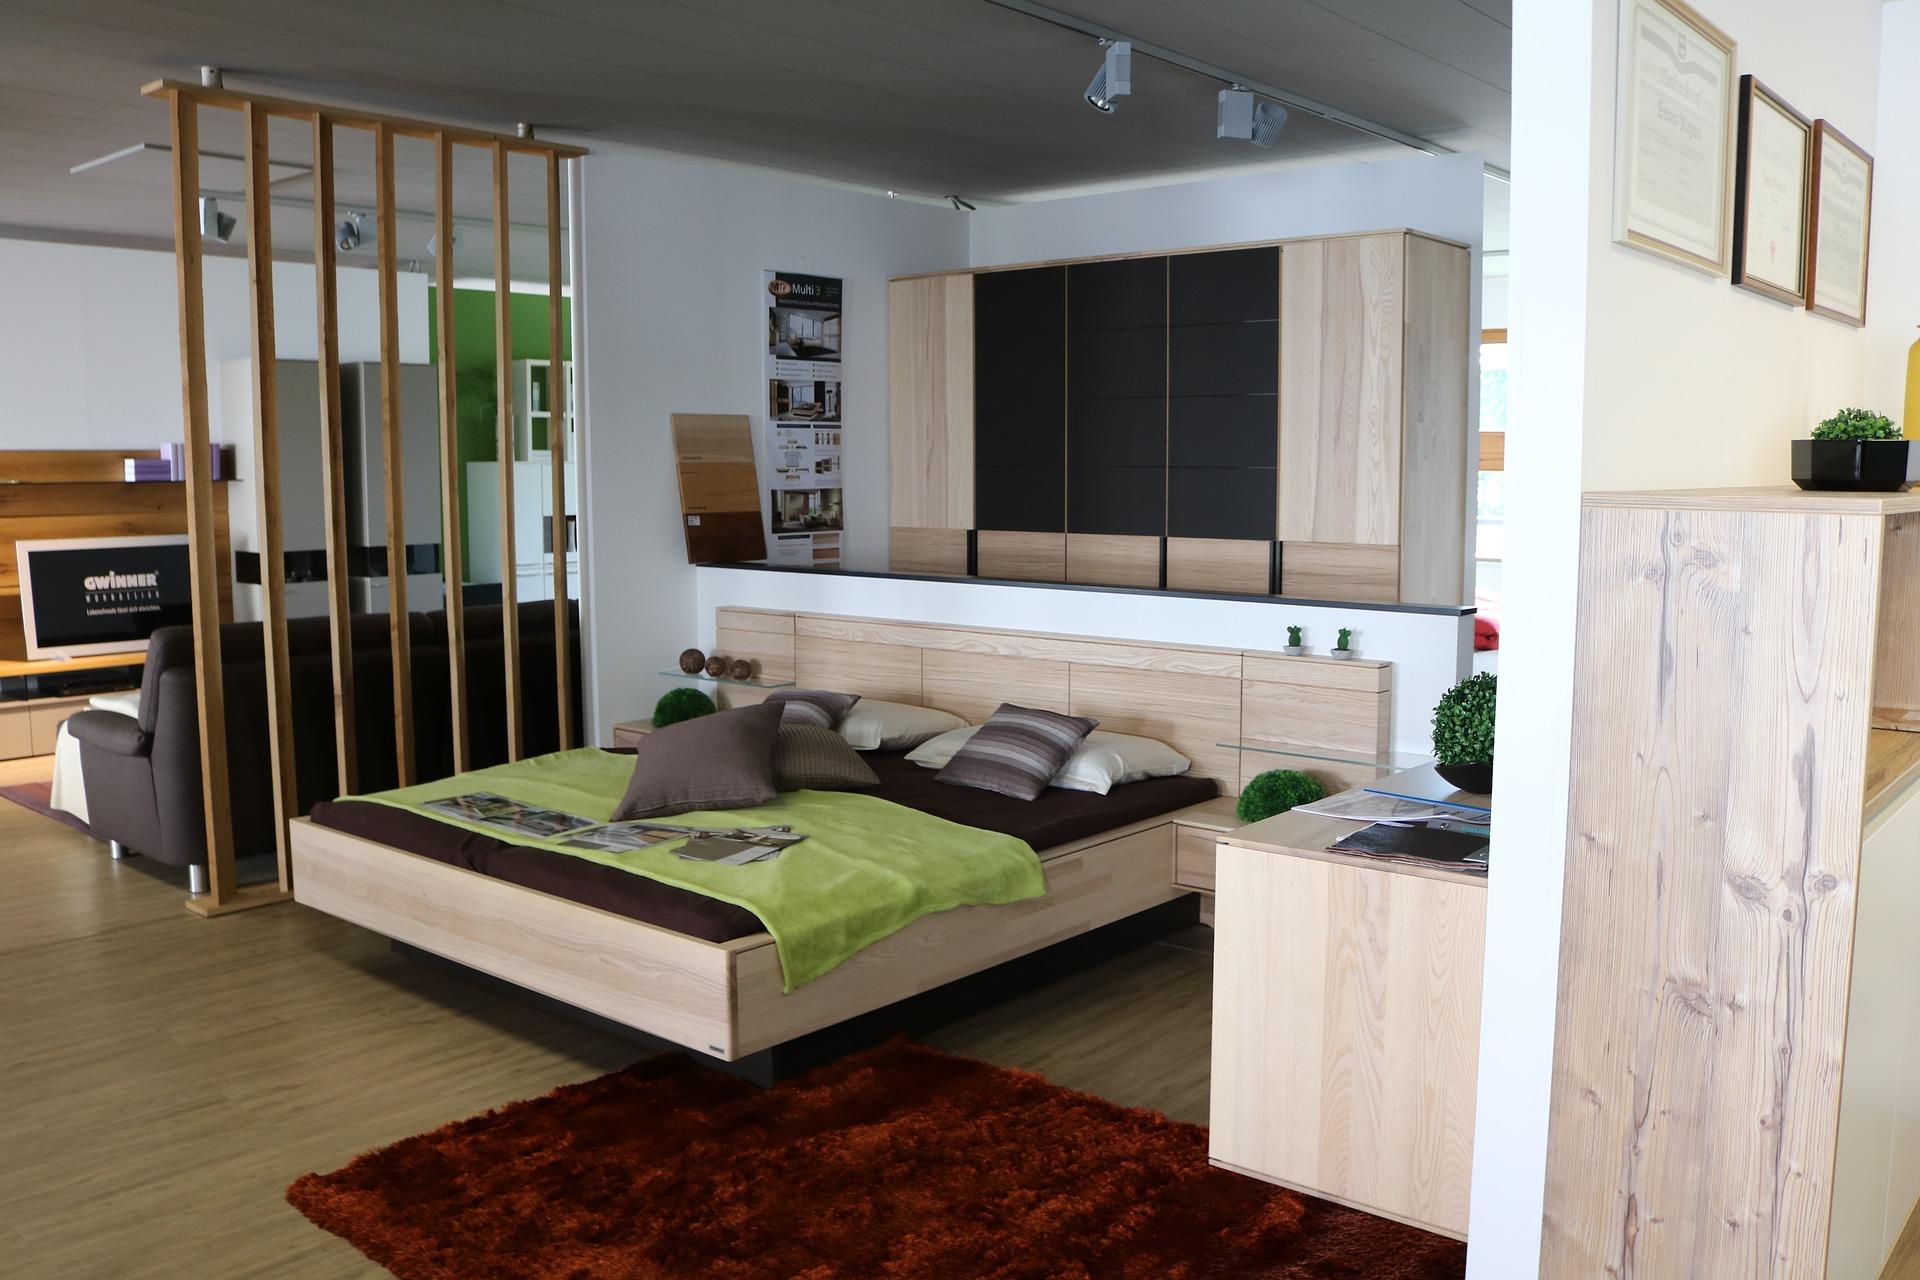 Faire Meuble Sur Mesure les meubles mailland | accueil